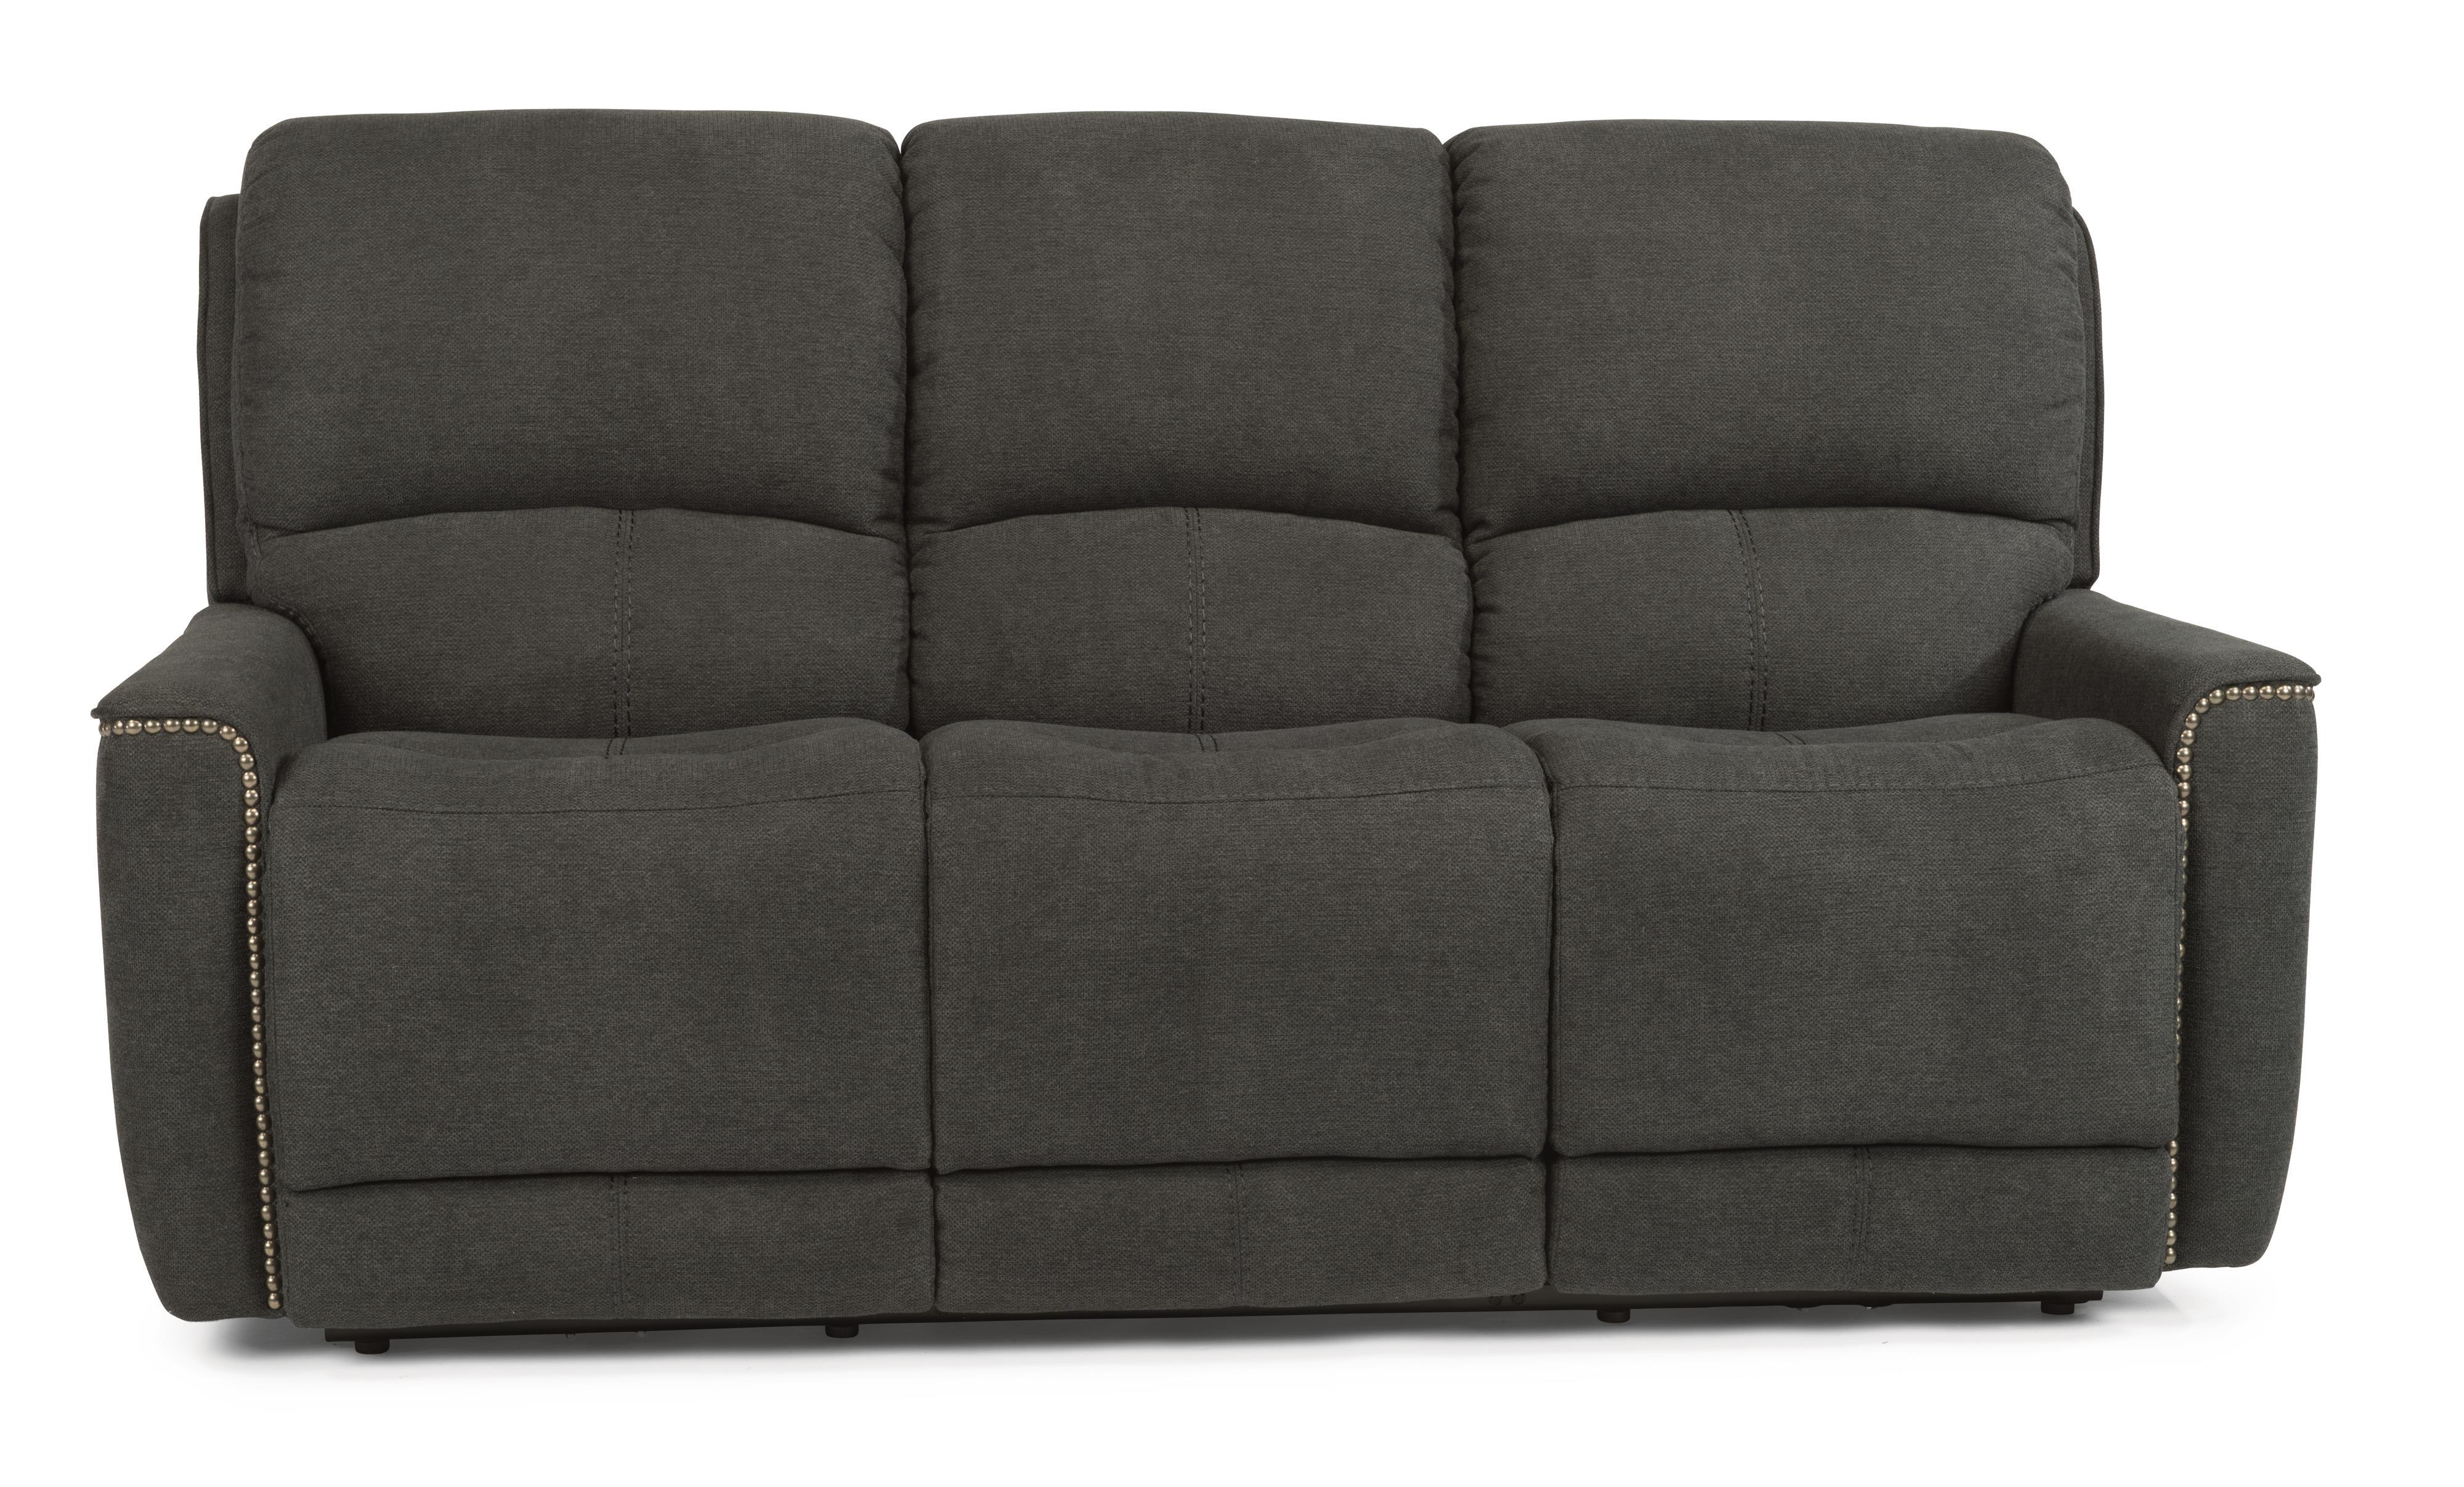 Flexsteel Latitudes-Pierson Reclining Sofa - Item Number: 1678-62P-922-46